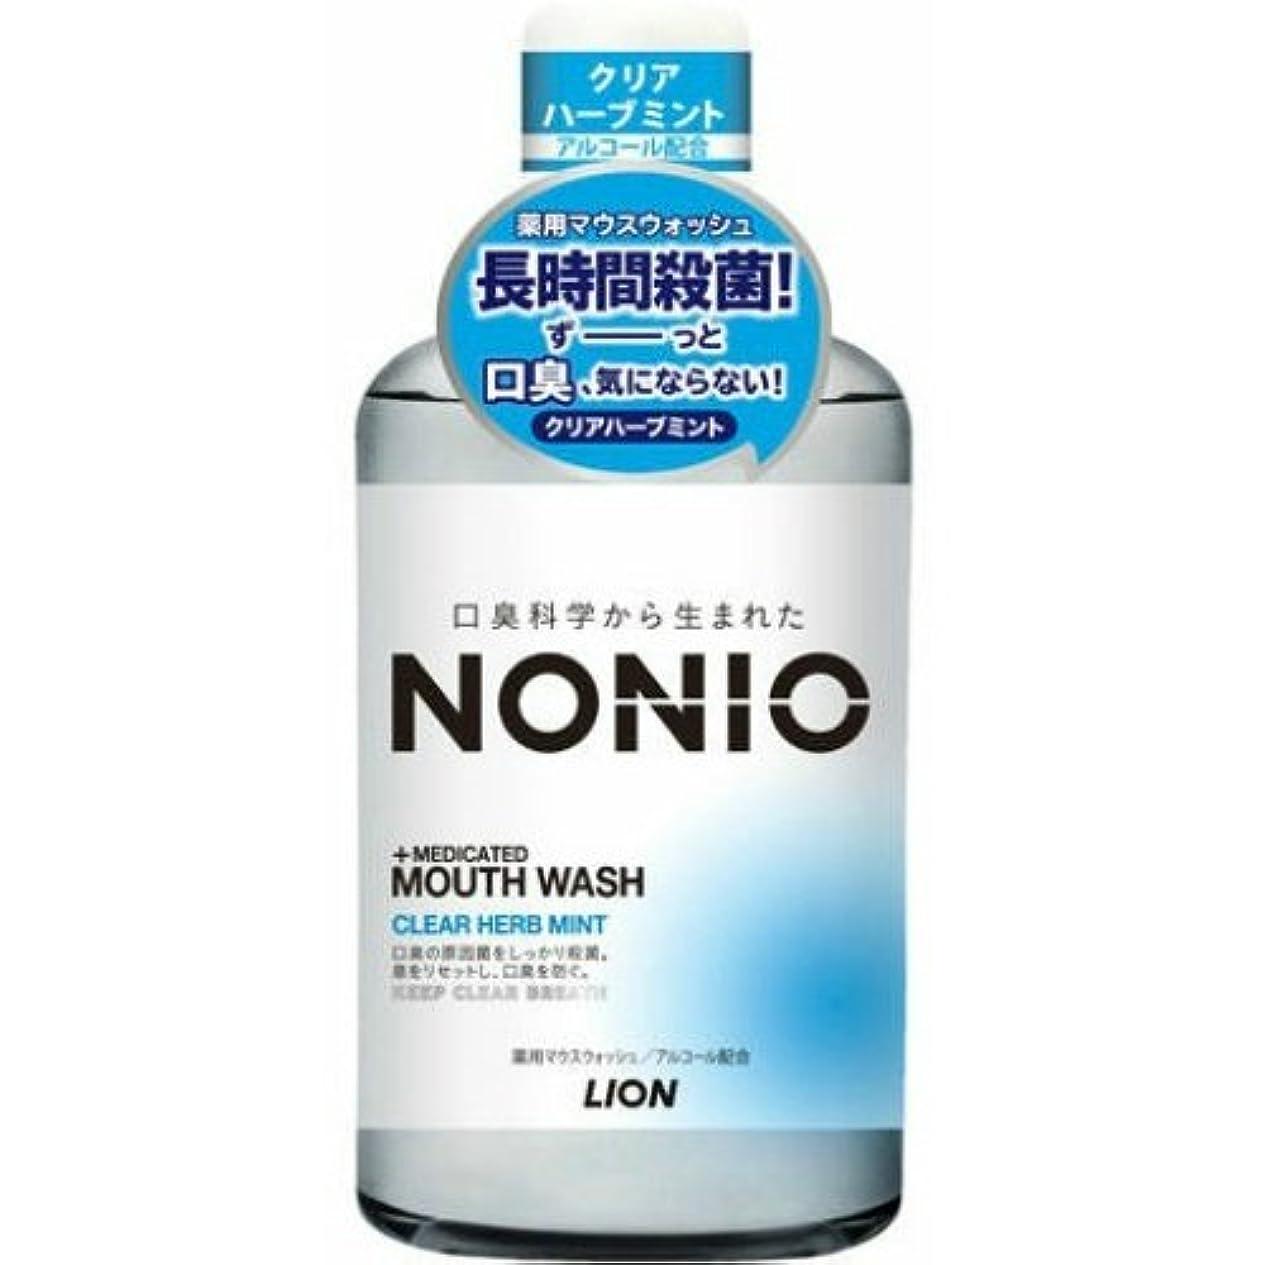 日付規則性レプリカLION ライオン ノニオ NONIO 薬用マウスウォッシュ クリアハーブミント 600ml ×012点セット(4903301259350)